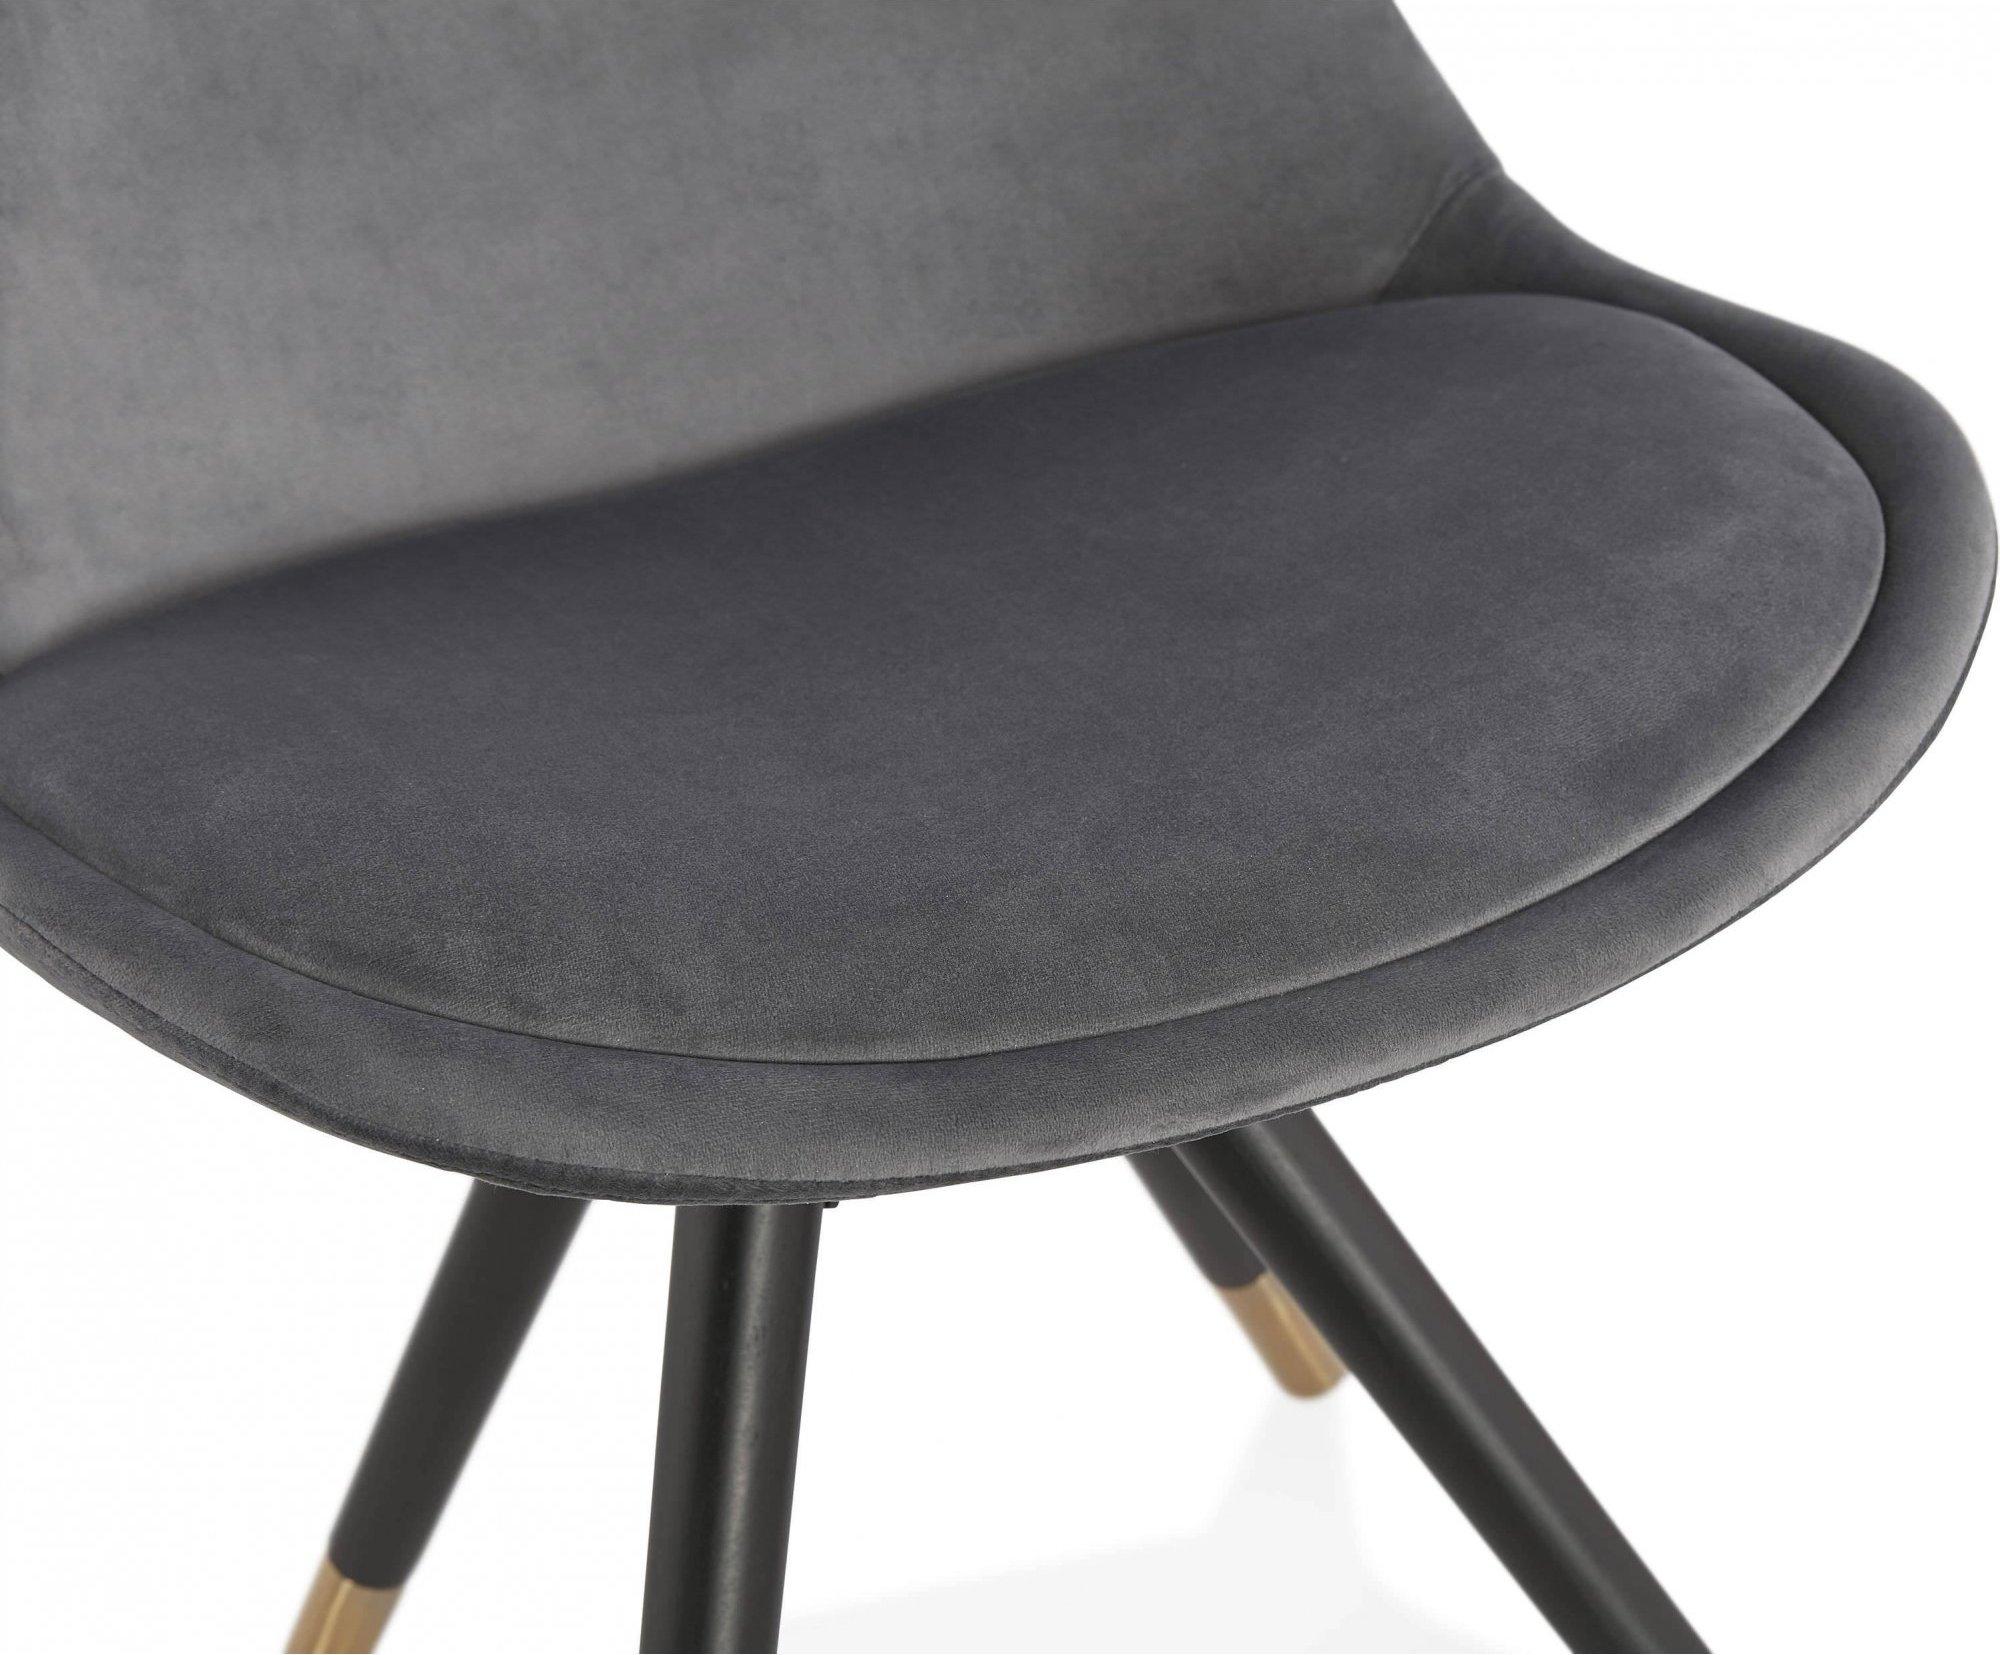 Chaise design scandinave velours rembourrée gris